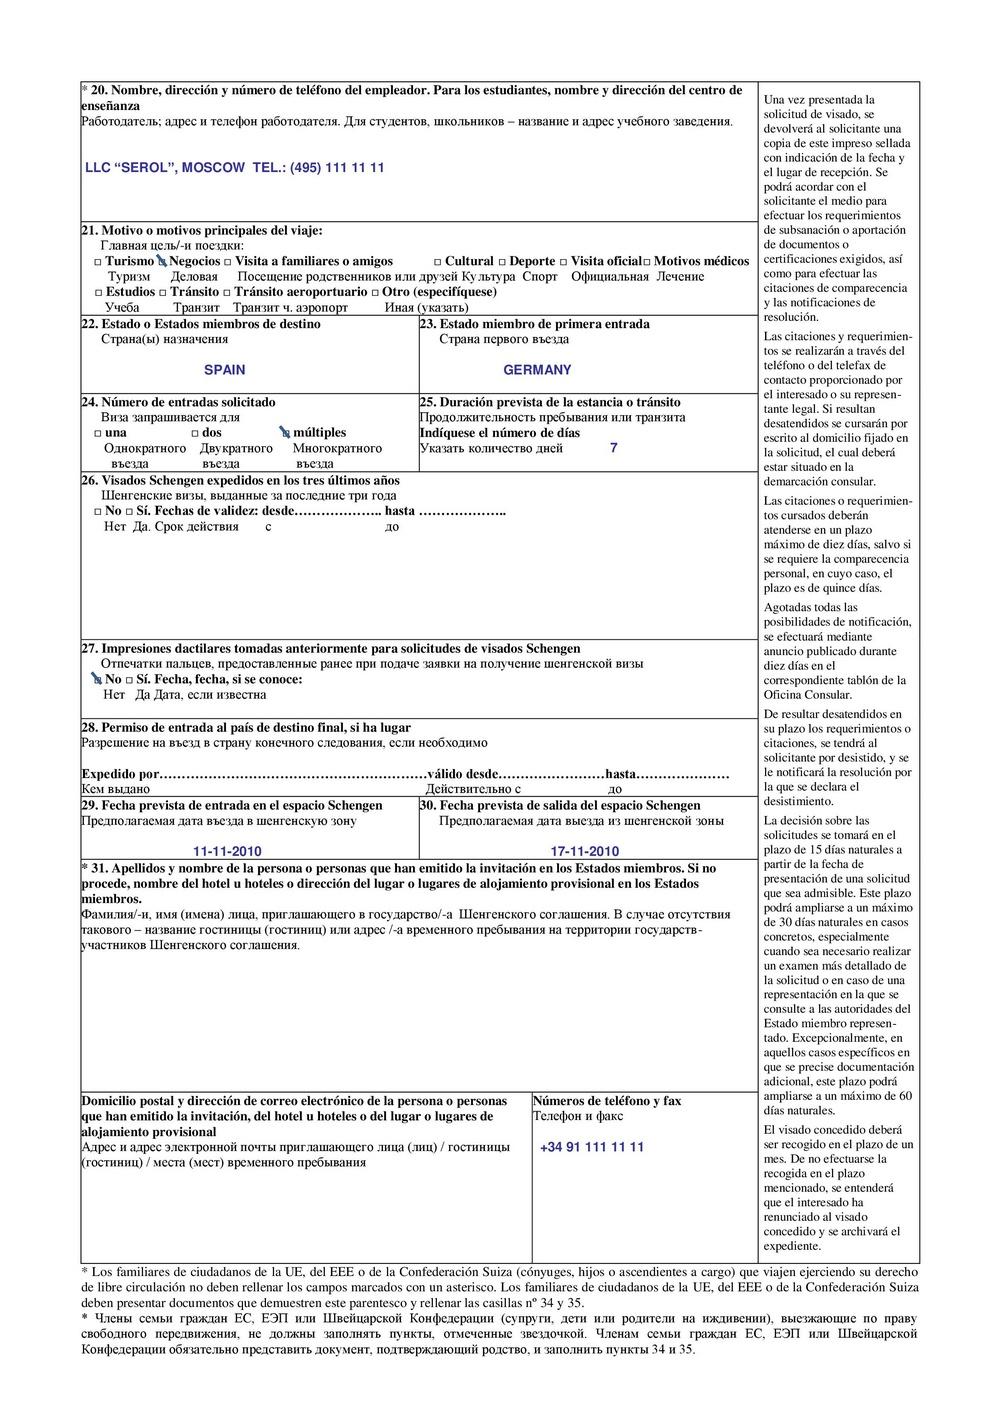 Образец заполнения анкеты на визу в Испанию, стр. 2